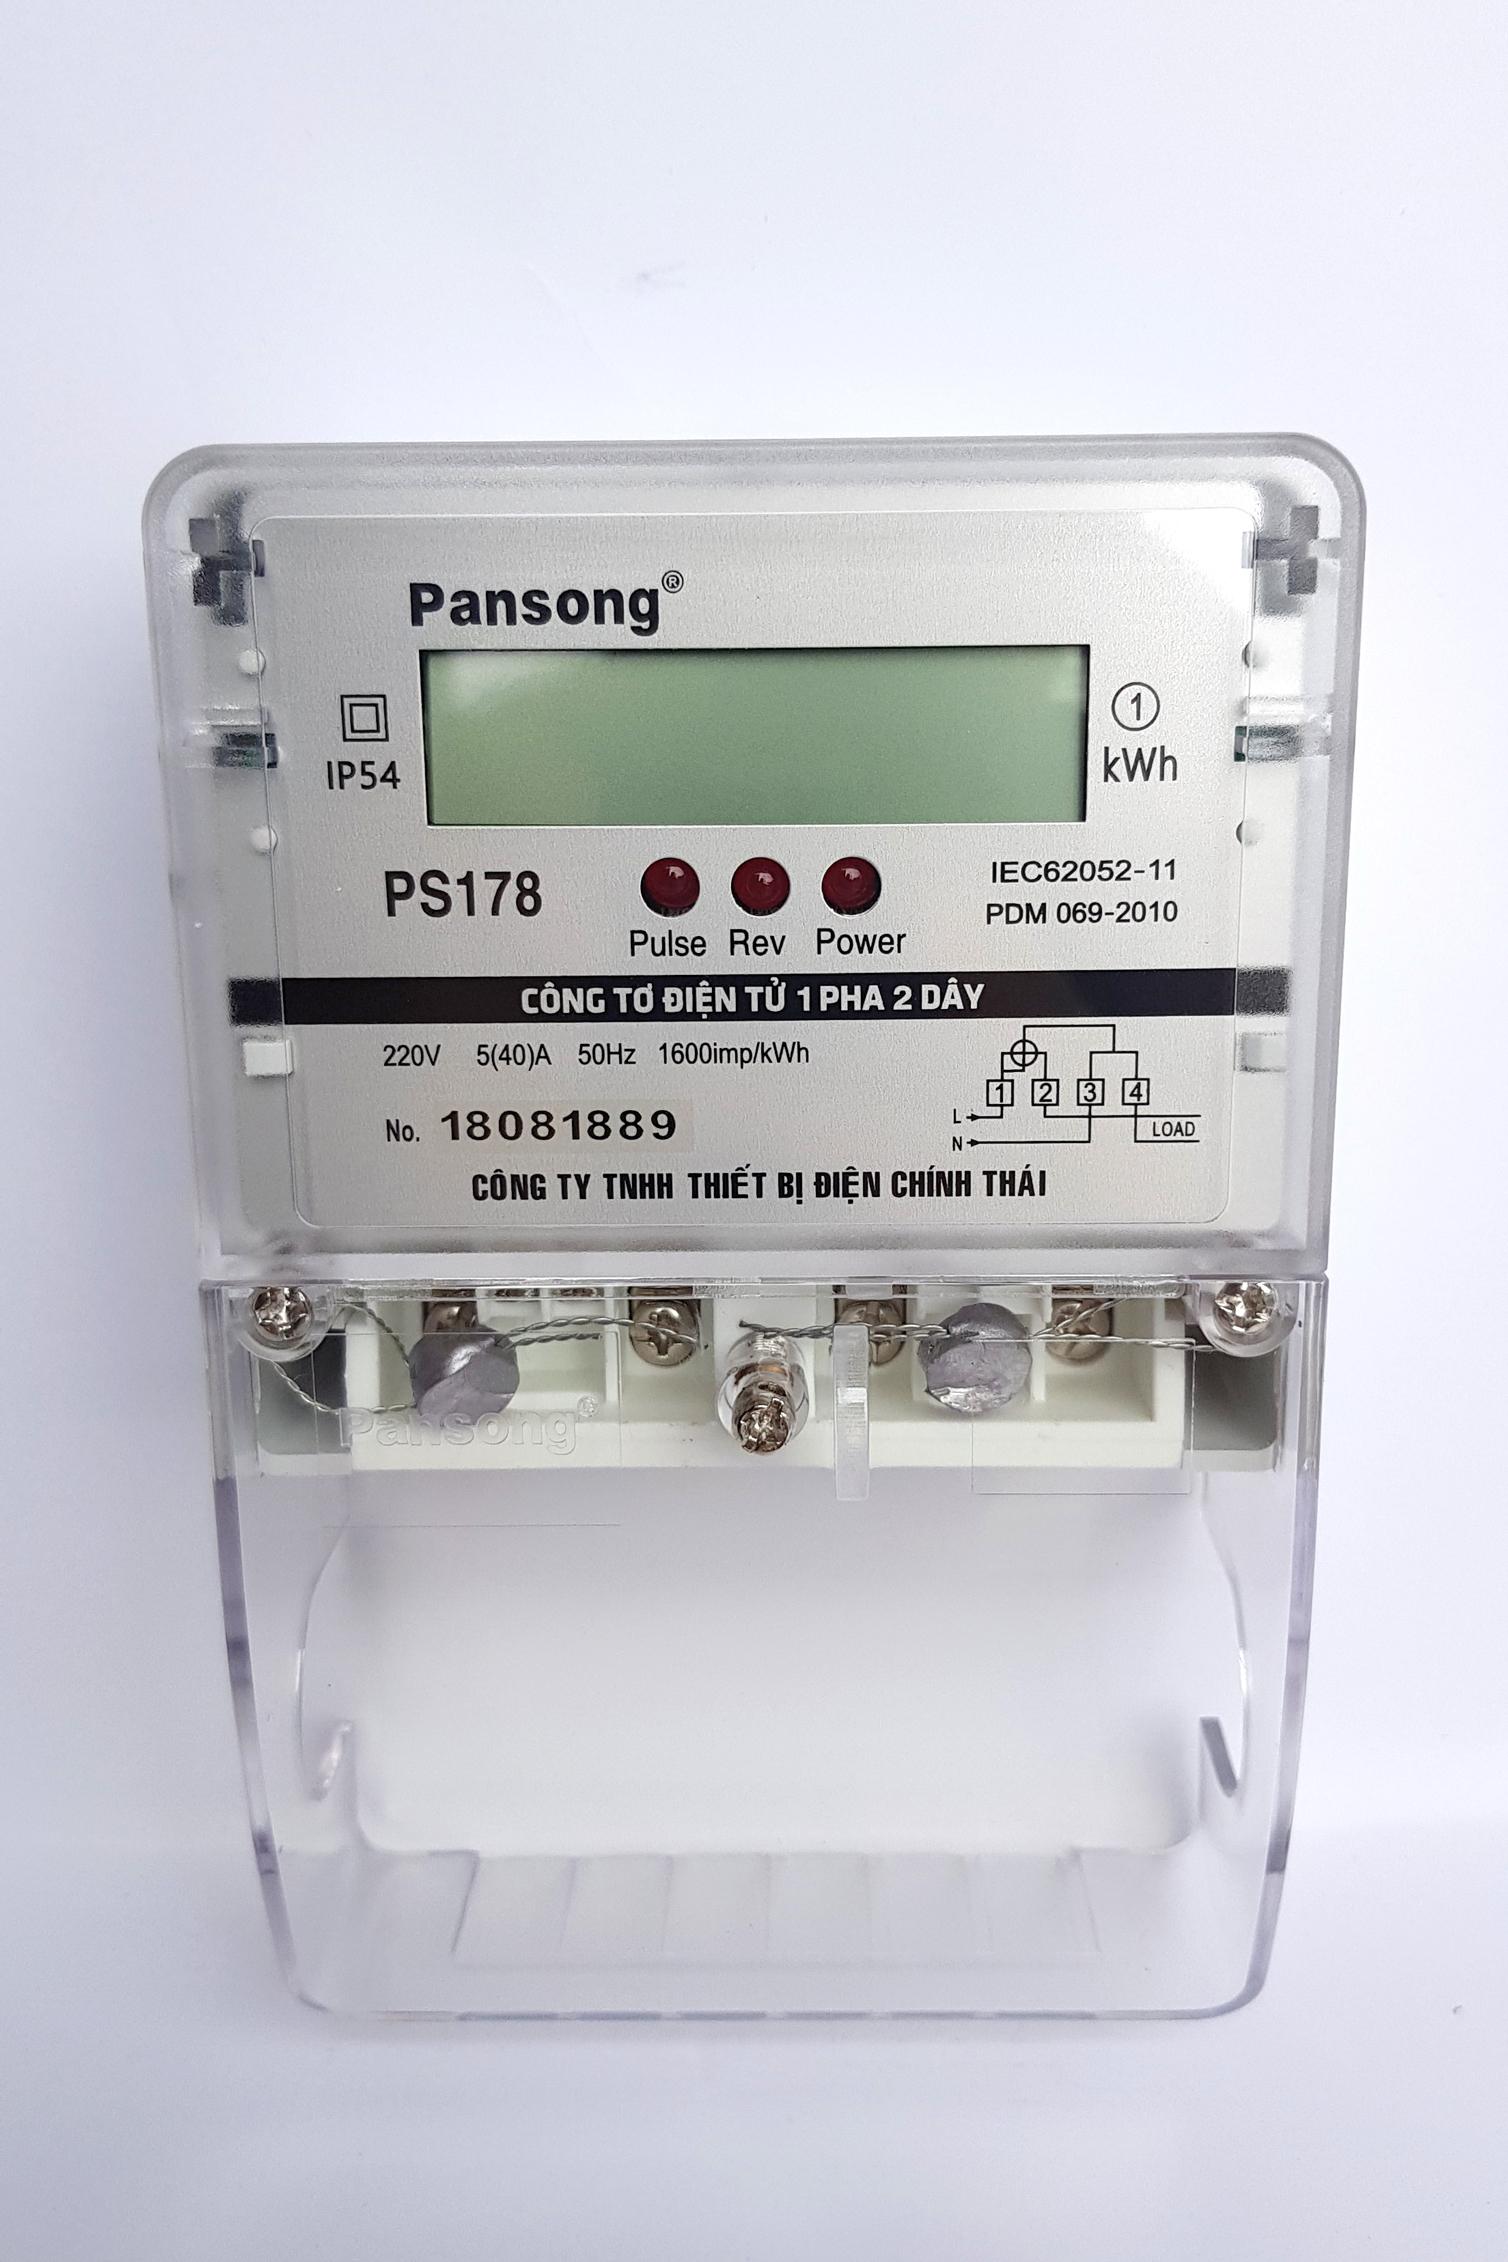 CÔNG TƠ ĐIỆN TỬ PANSONG PS178-5(40)A